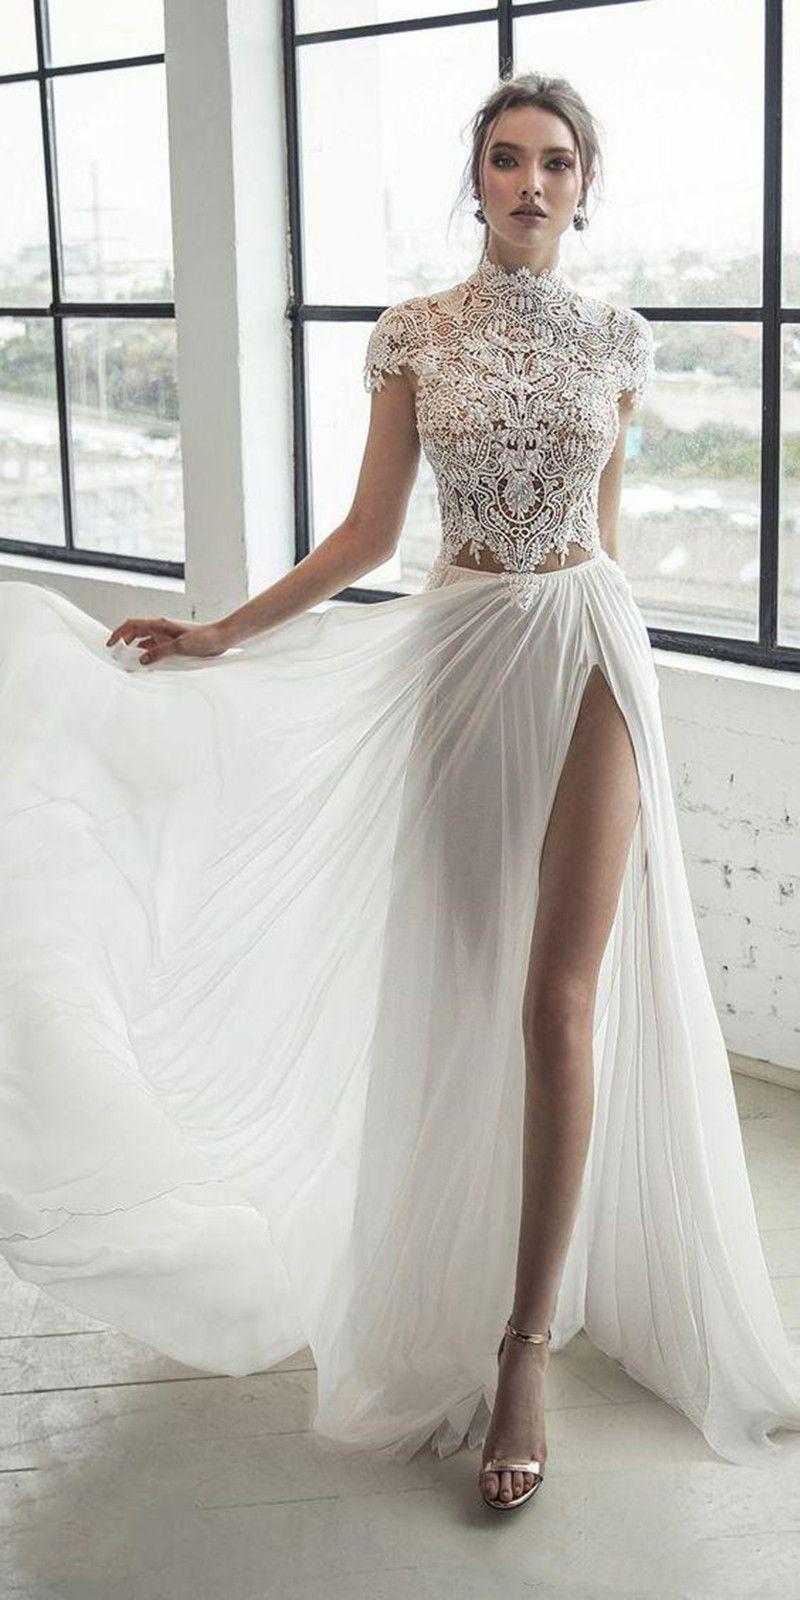 Кружевные вечерние платья Высокая шейная шапка рукав щель абити длинные платья выпускного вечера Vestidos a Line Princess Country платье плюс размер